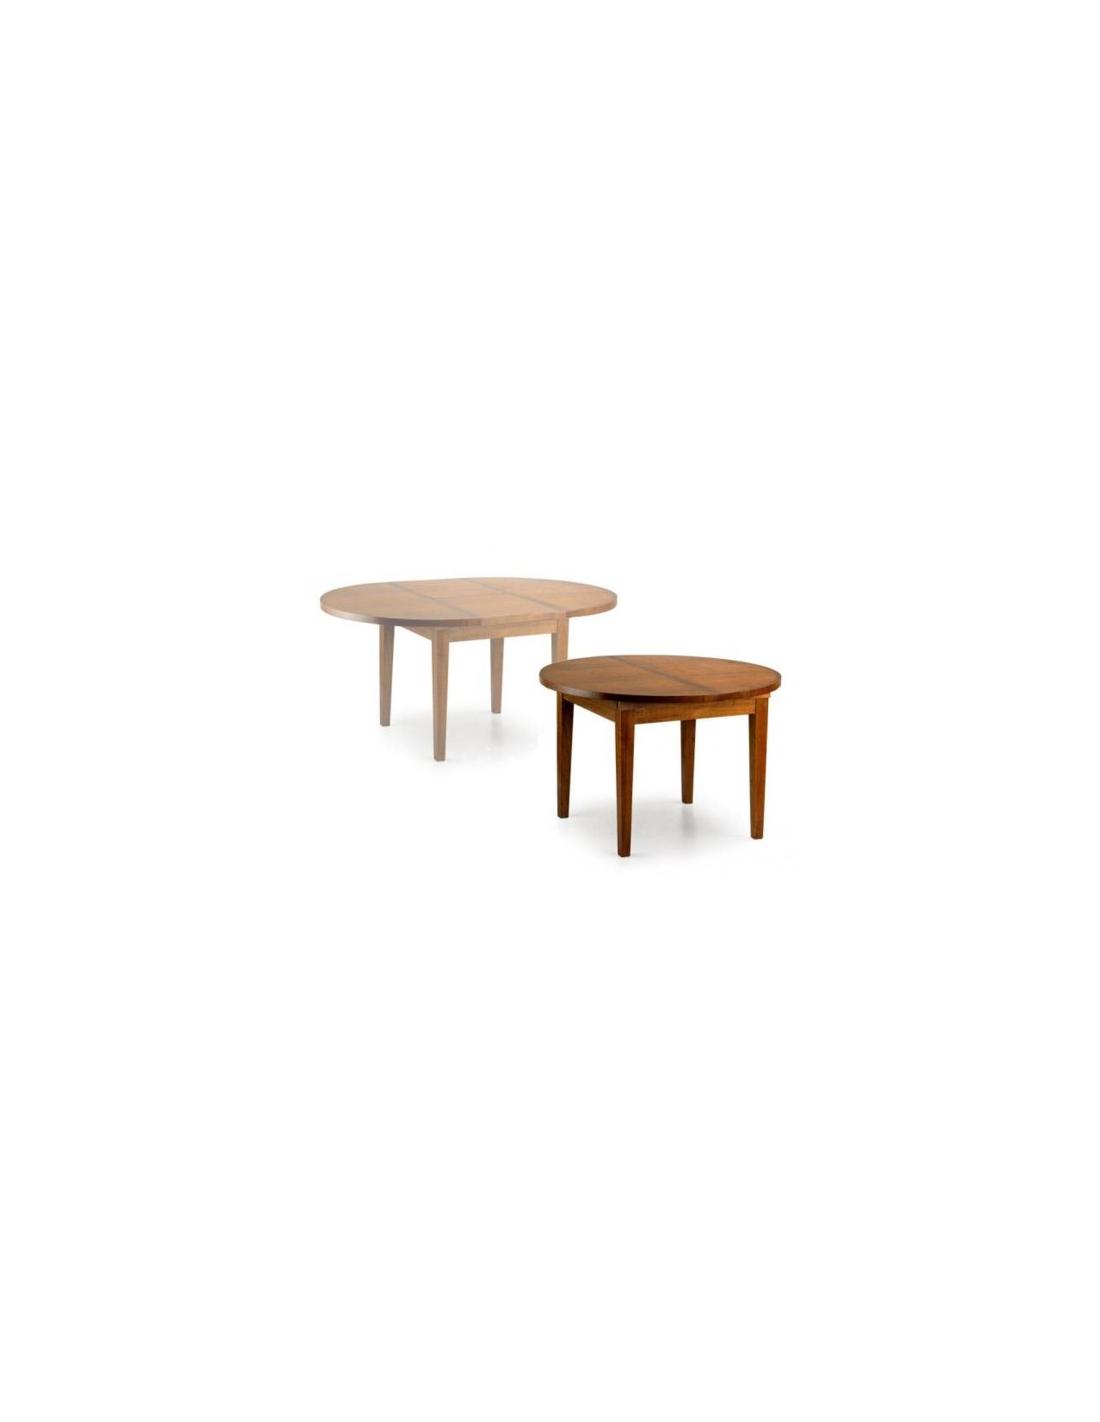 Comprar mesa comedor redonda extensible for Mesa redonda extensible barata